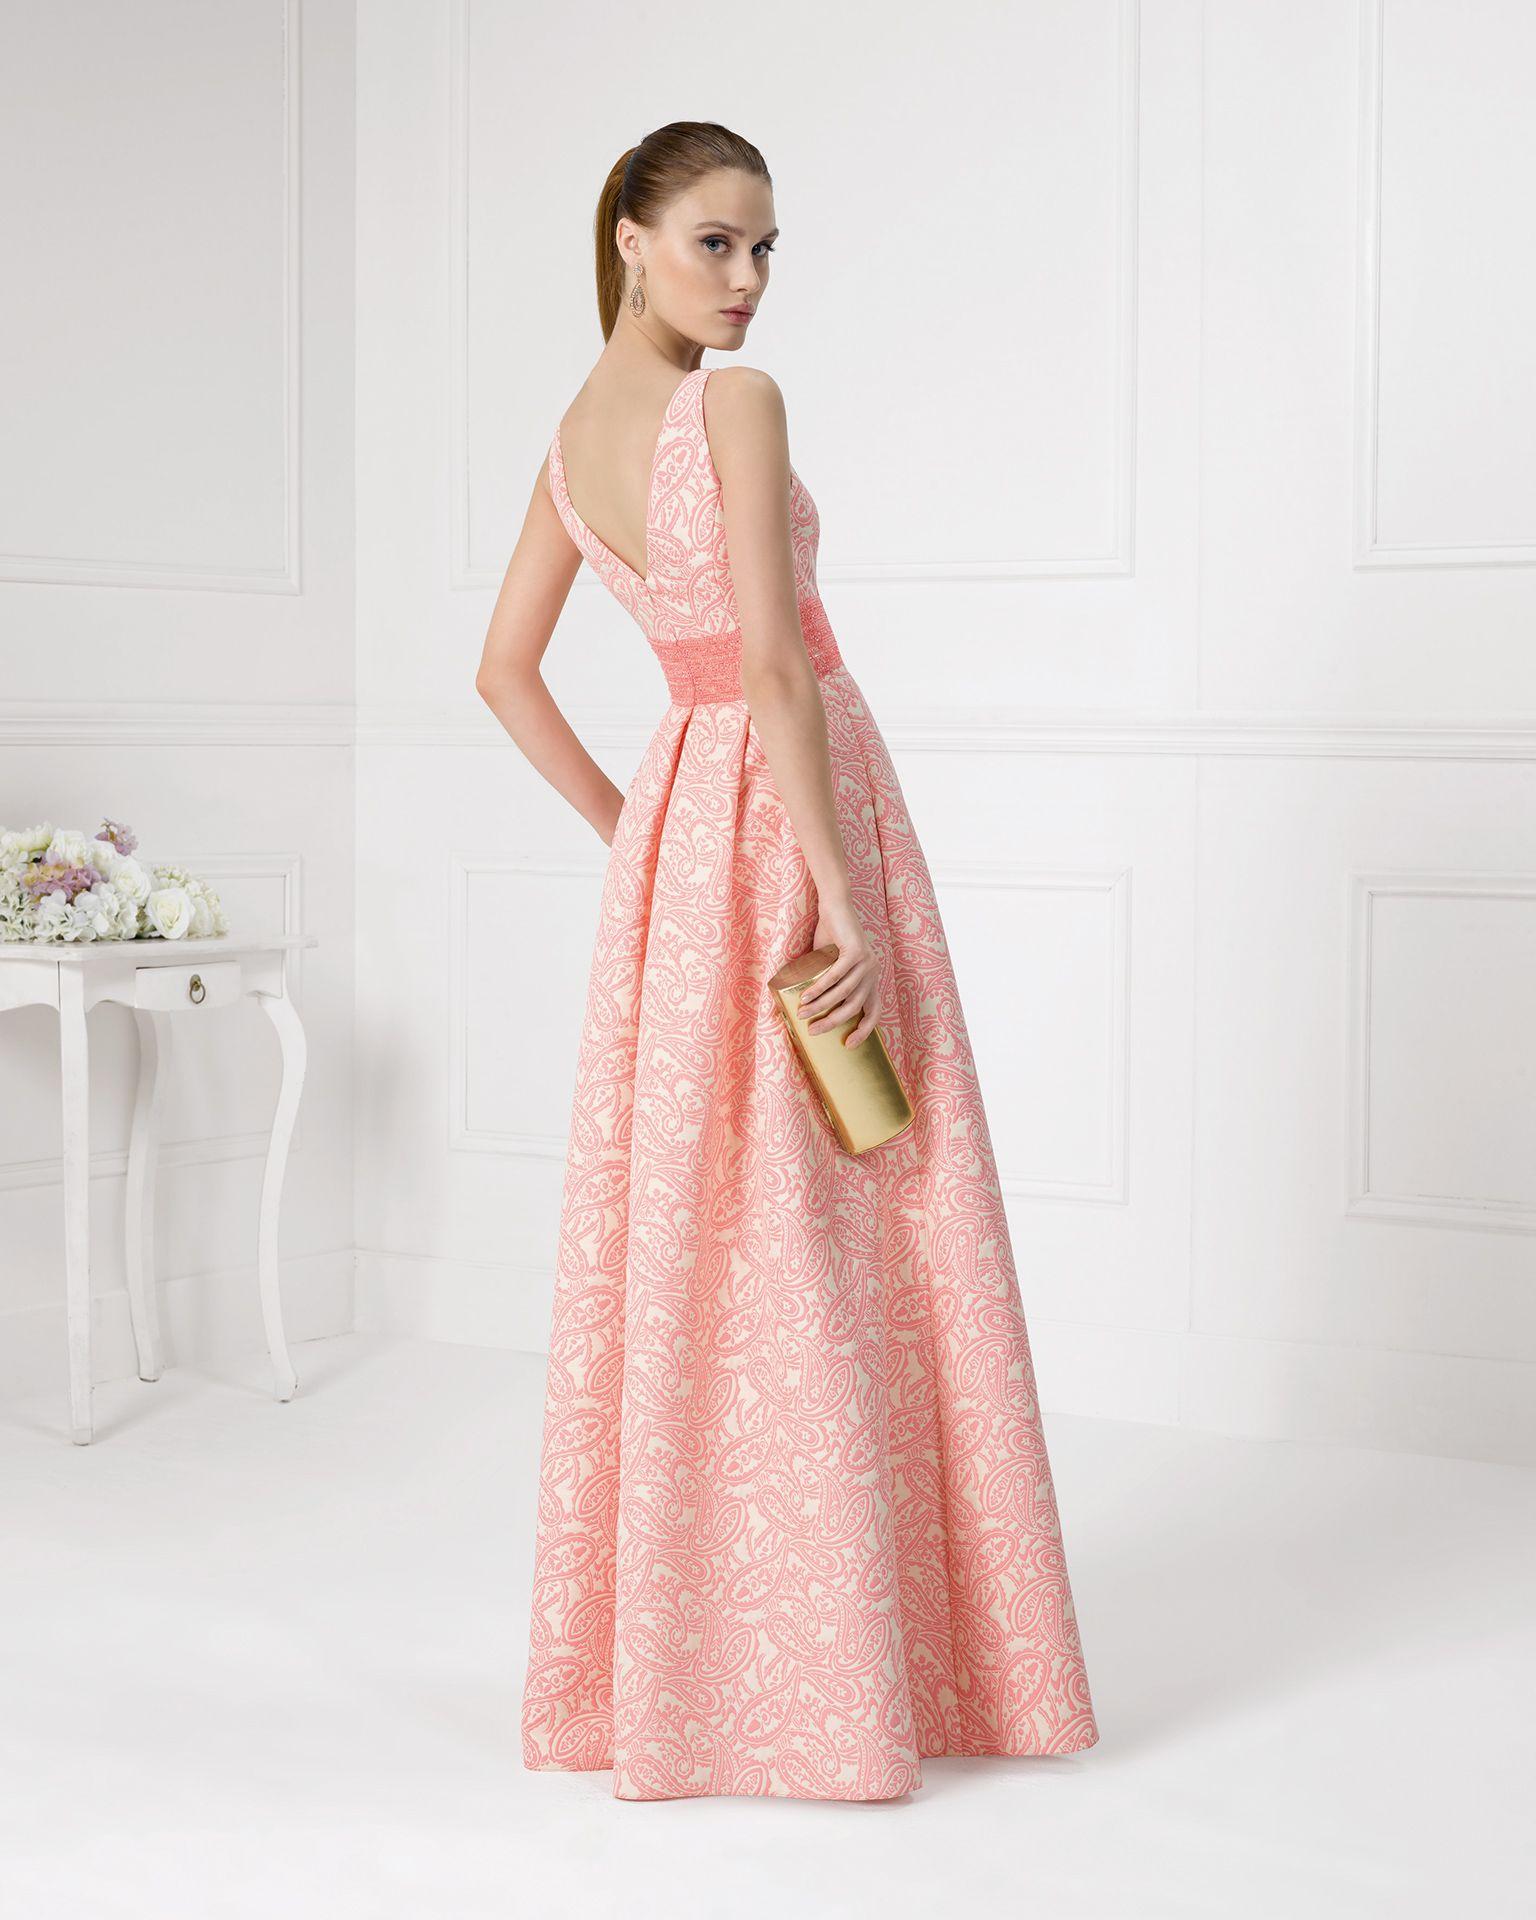 9U152 vestido de fiesta en brocado y pedreria. | Vestidos ...